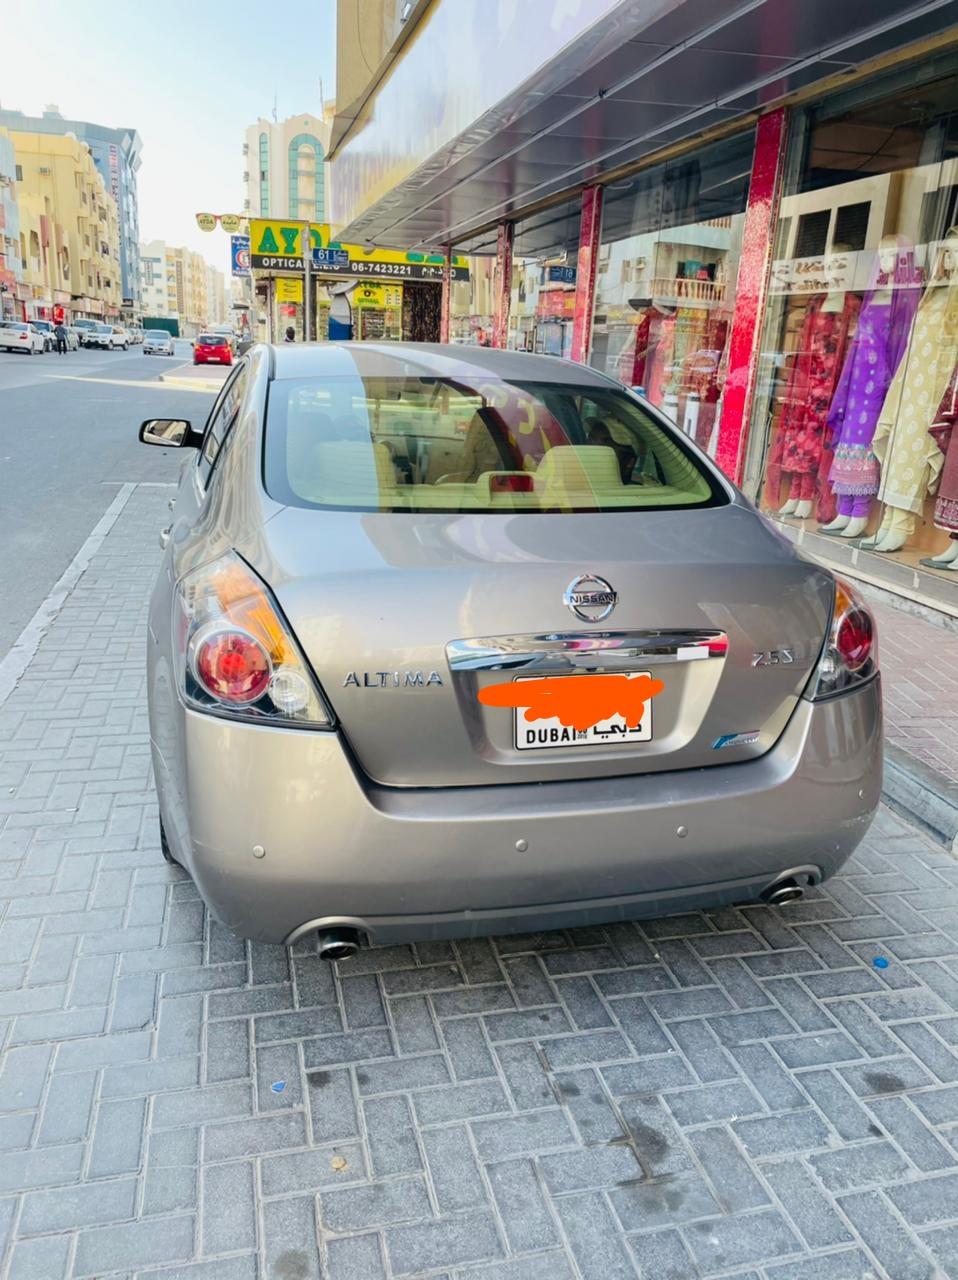 Rash car 7.jpg